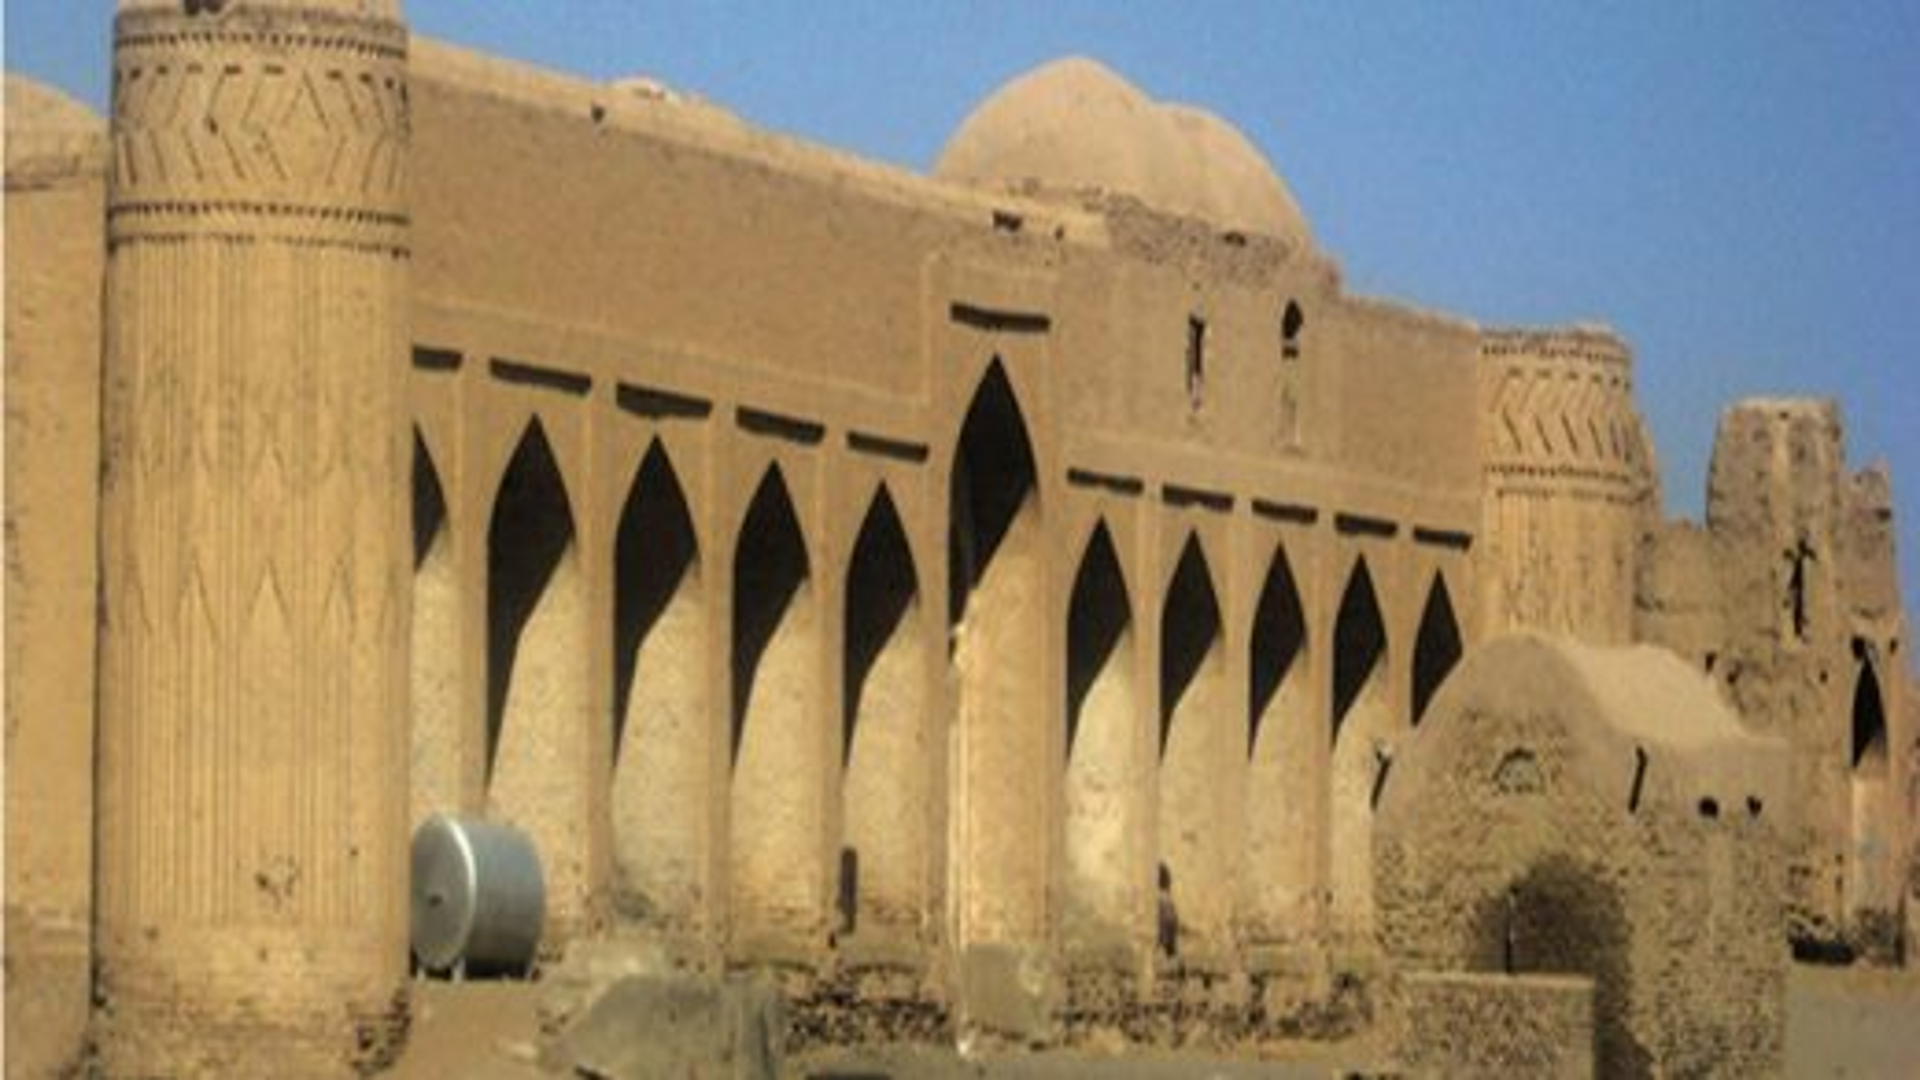 کاروانسرای نوگنبد در شهر نایین استان اصفهان | فیلم